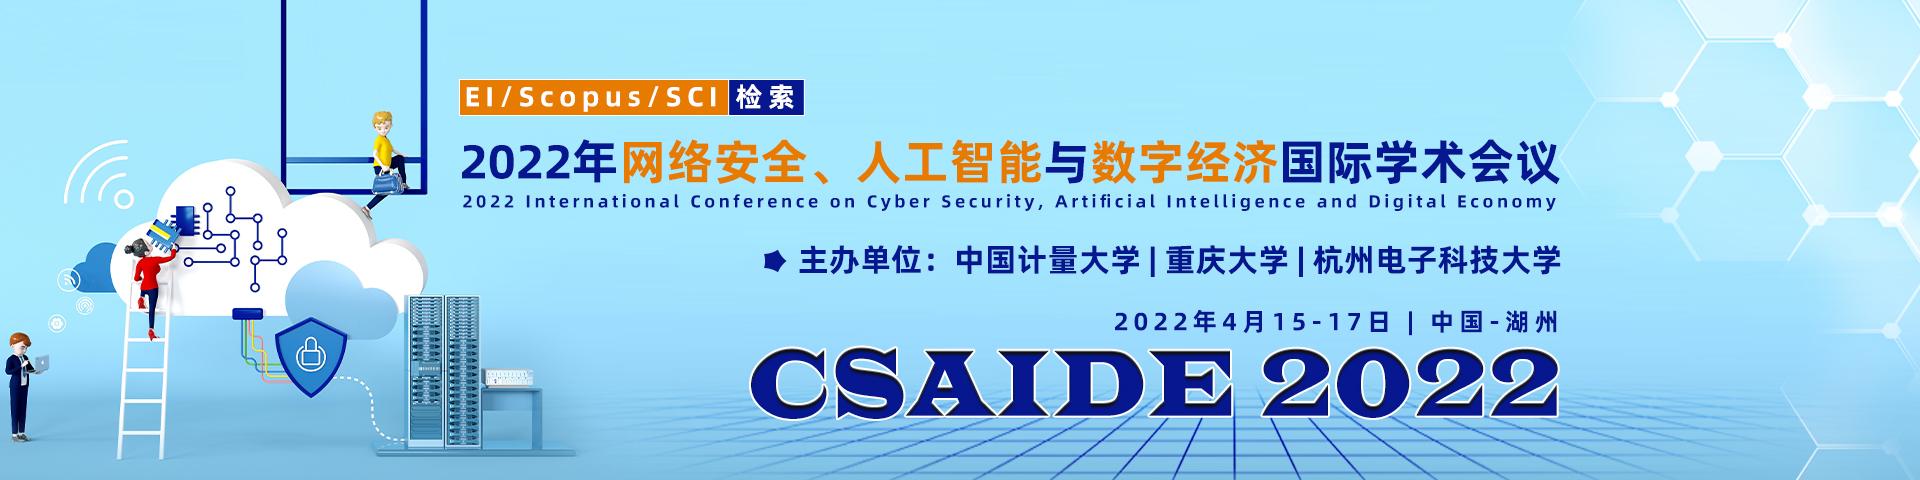 2022年4月湖州CSAIDE 2022-中文banner-何霞丽-20210706.jpg